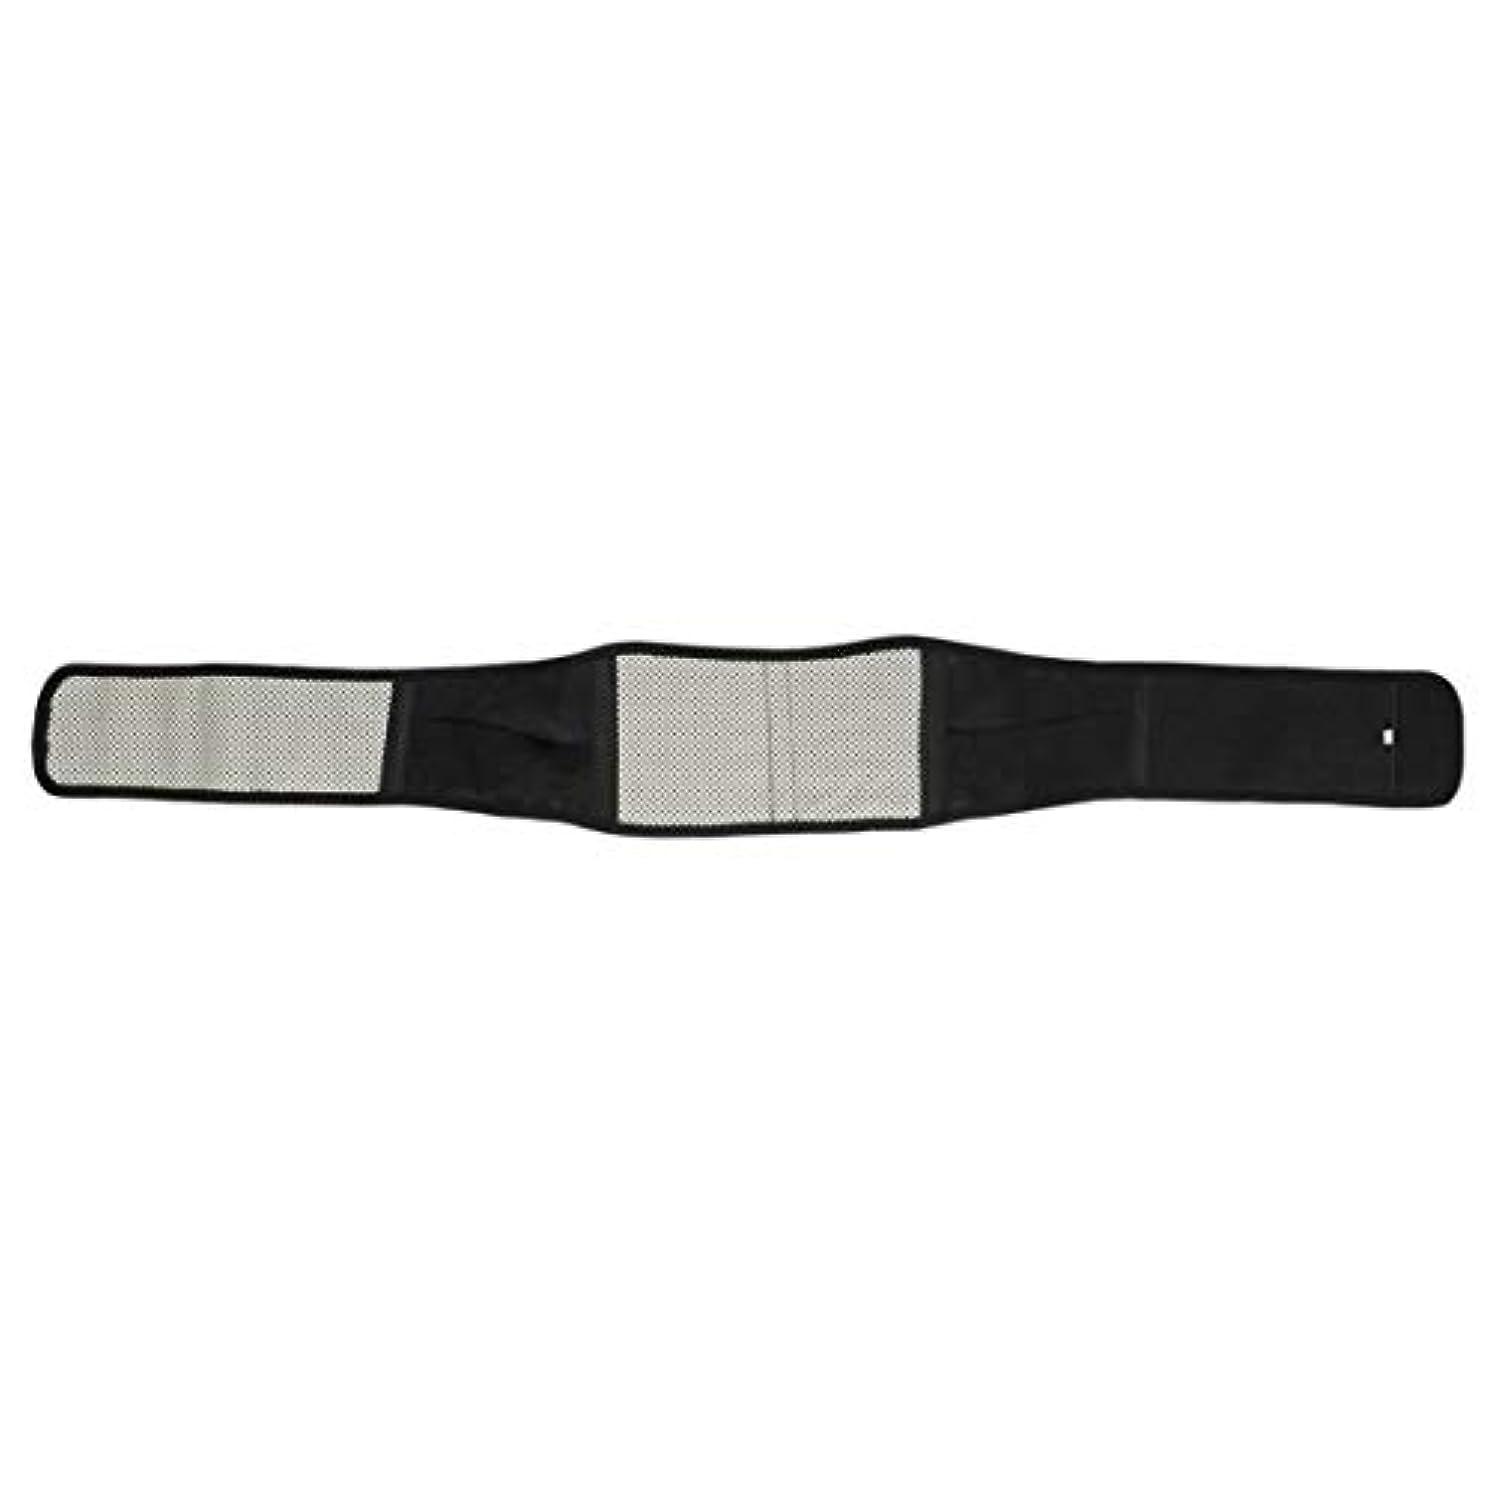 コーヒー処方時代腰部サポートマッサージャー赤外線磁気バックブレース自己発熱療法ウエストベルト調節可能な姿勢ベルト-ブラックM